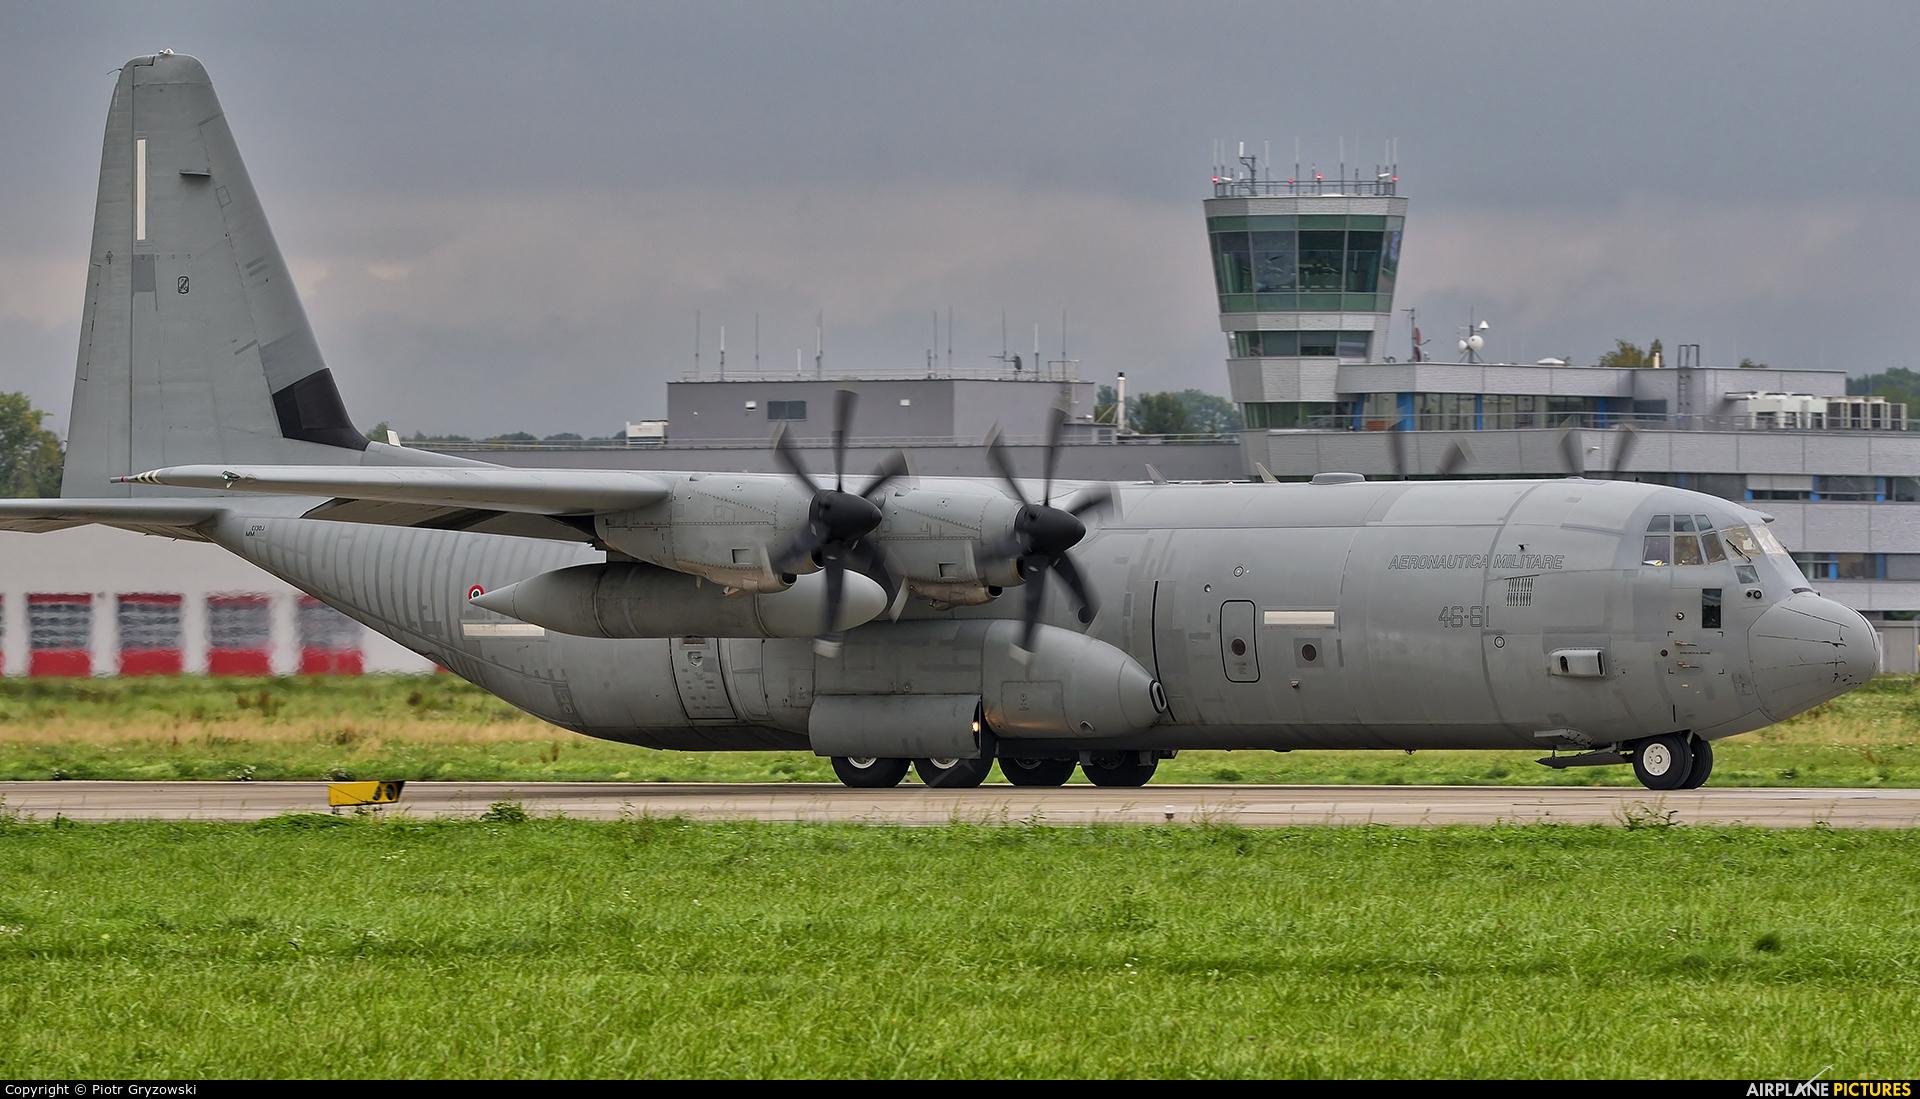 Italy - Air Force MM62195 aircraft at Ostrava Mošnov